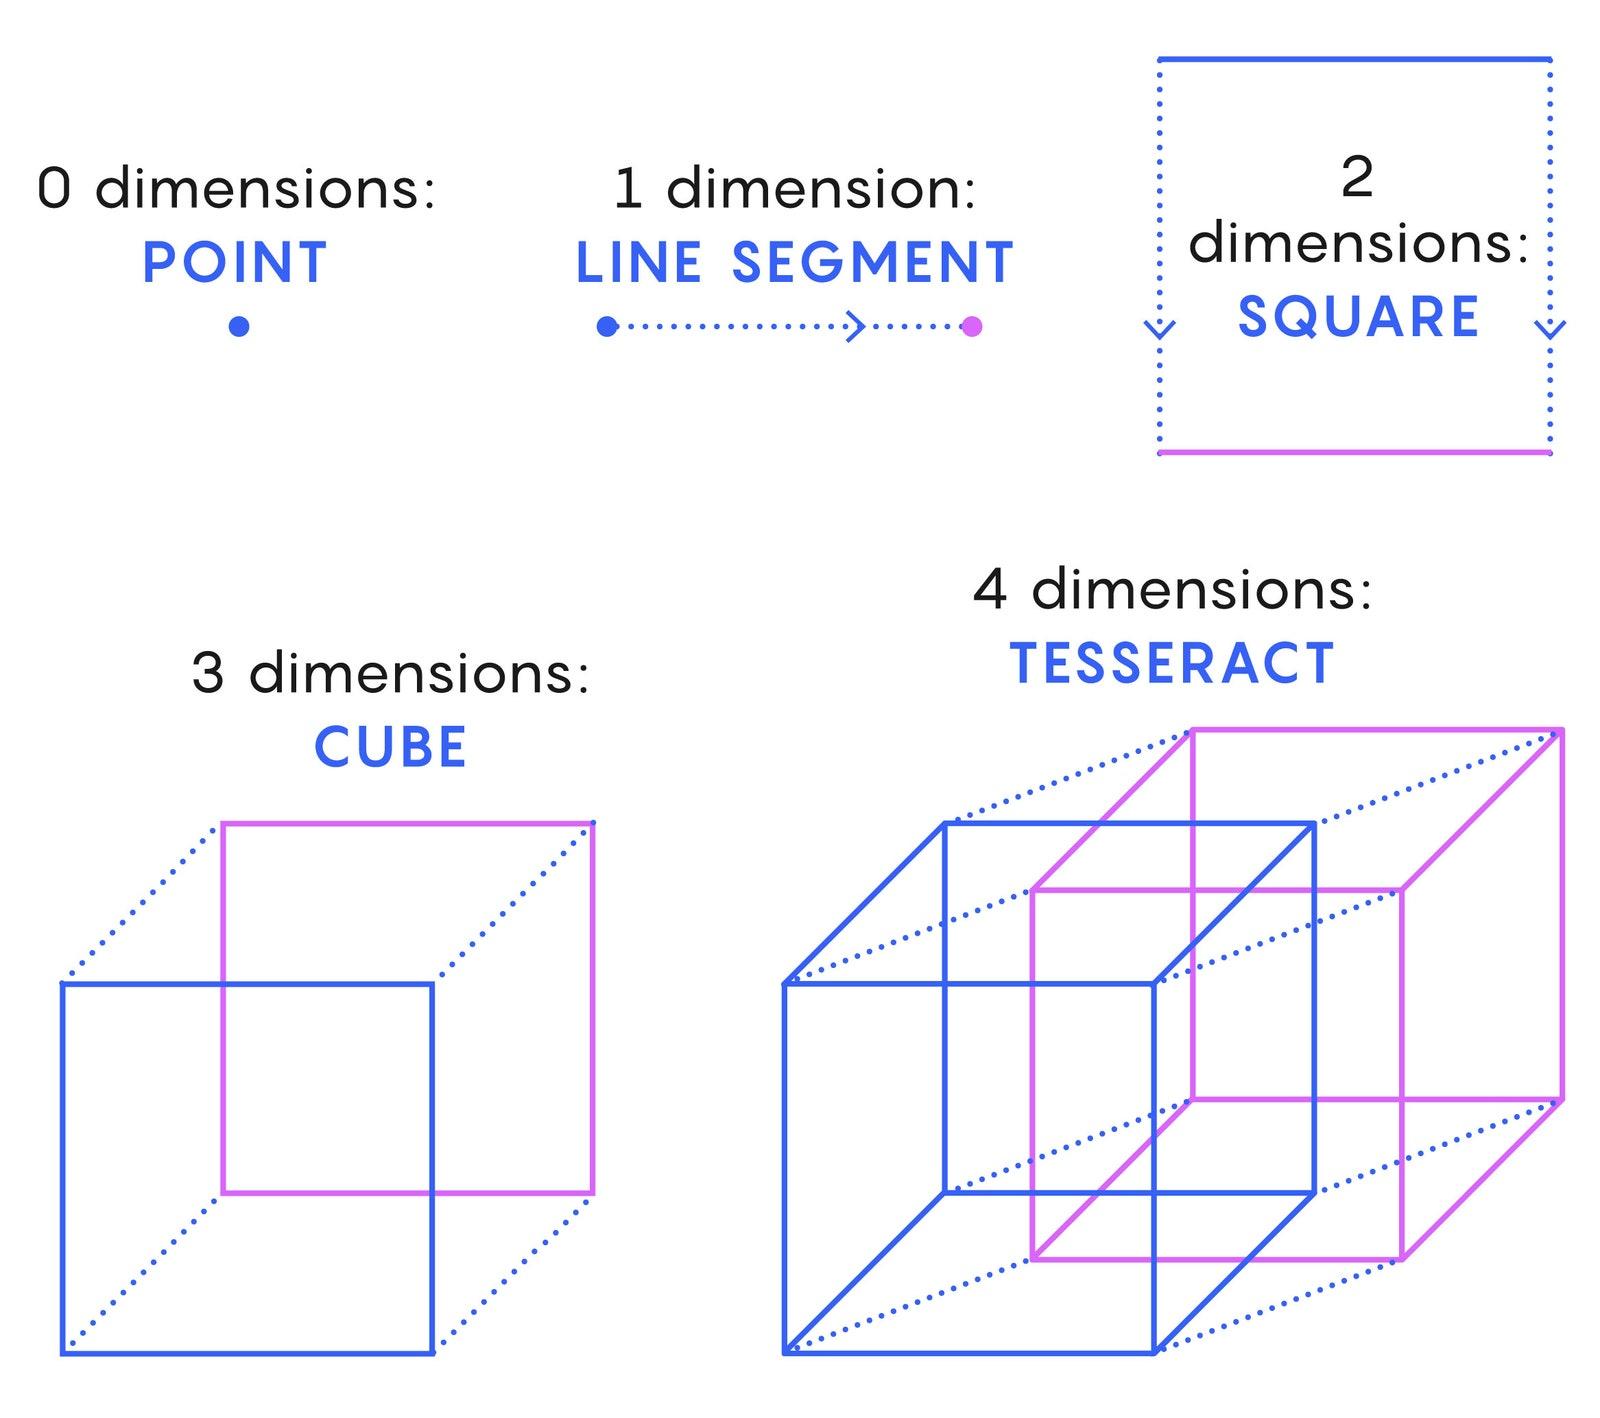 Al barrer las formas azules hasta las violetas, podemos visualizar cubos de varias dimensiones, incluido un tesseract.